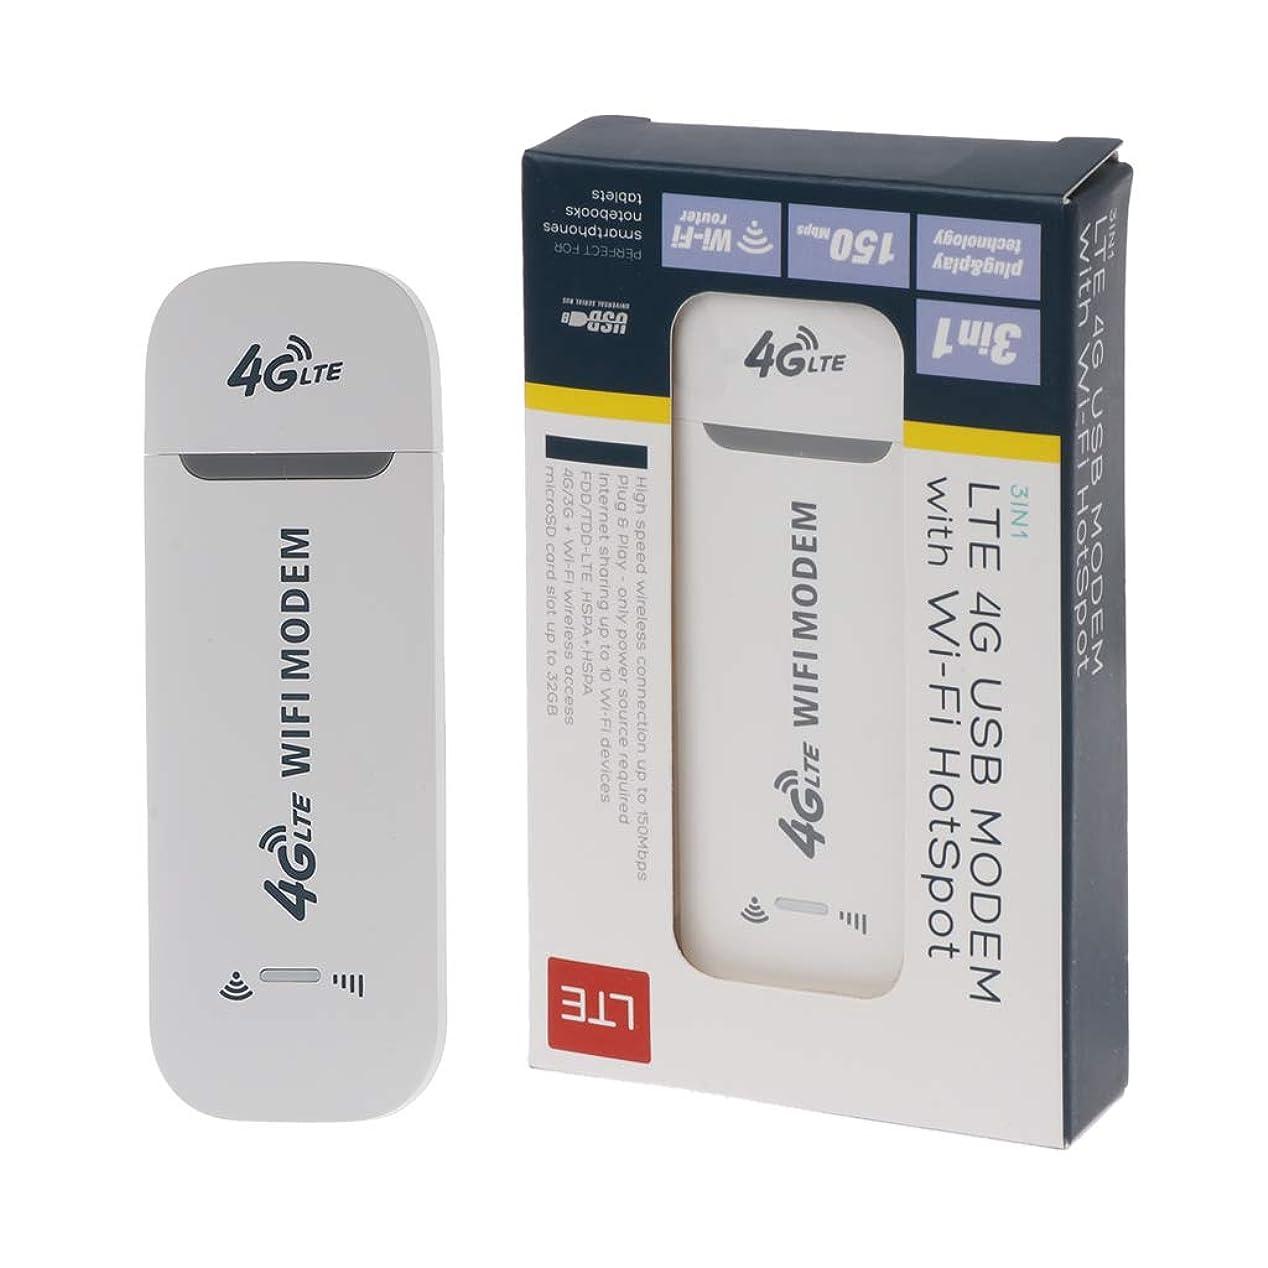 Abnana WiFiホットスポットSIMカード付き4G LTE USBモデムネットワークアダプターWin XP Vista 7/10 Mac 10.4 IOS用4Gワイヤレスルーター